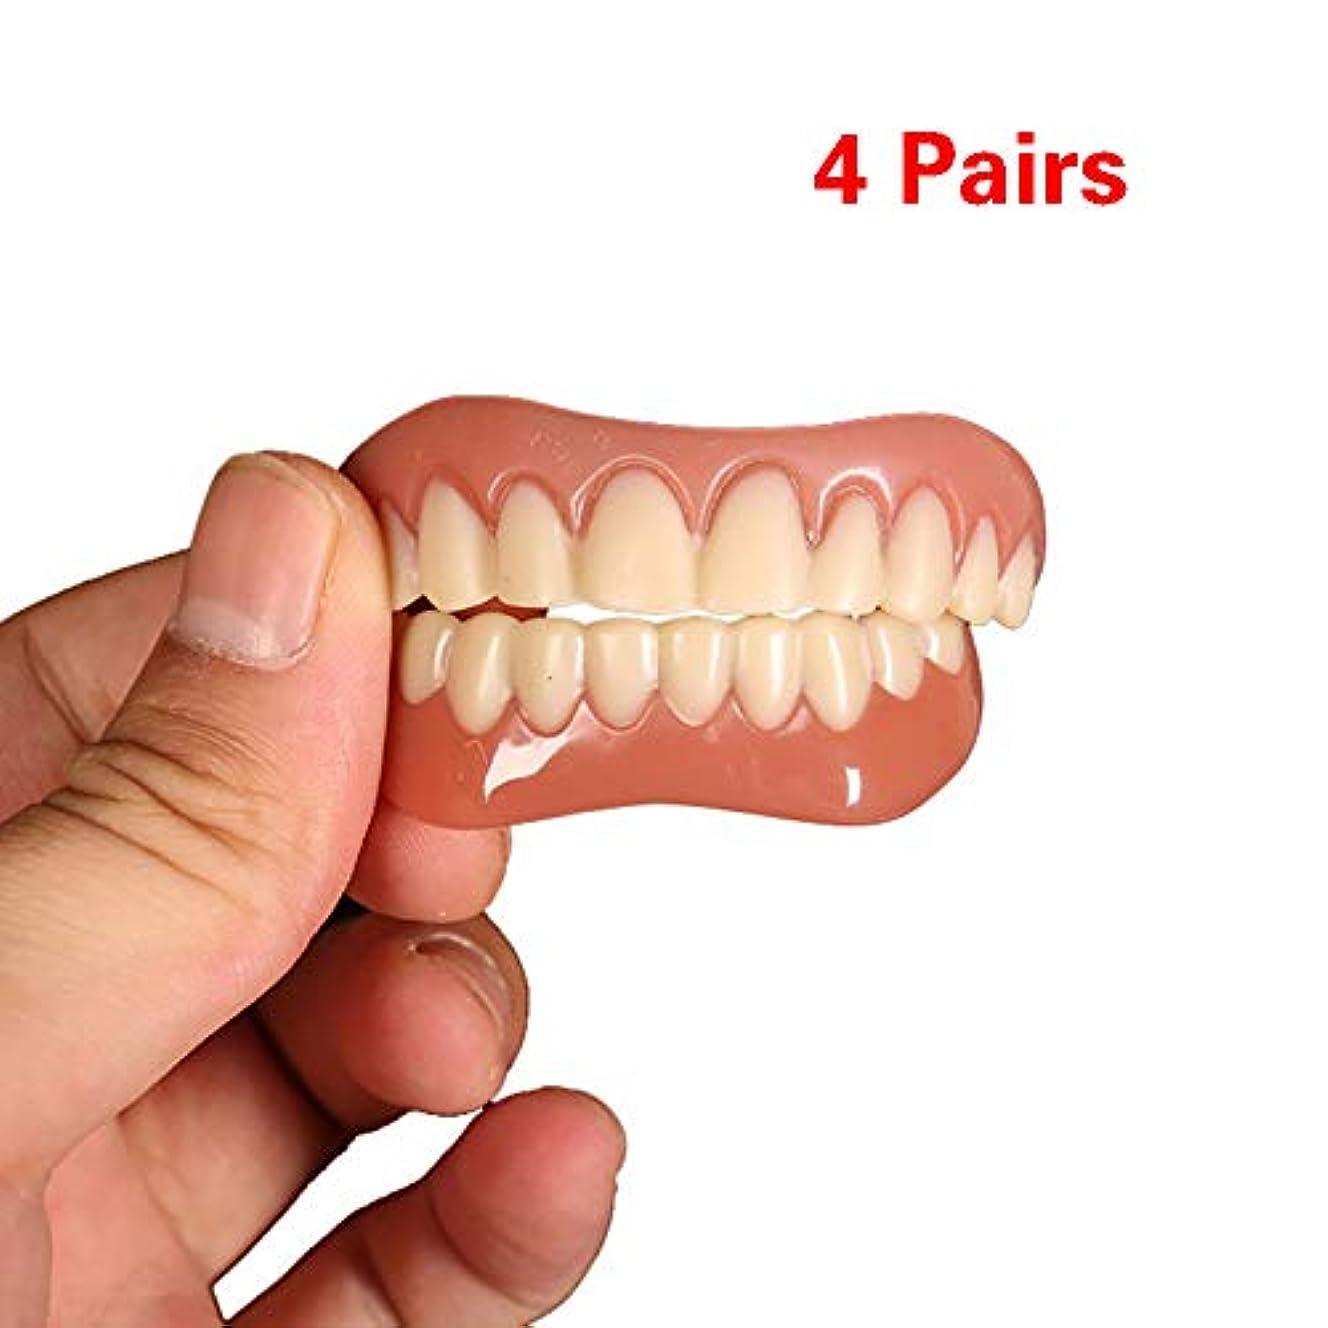 リッチ乱雑な後継4対の歯の快適さフィットフレックス化粧品の歯義歯の歯のトップ+ボトム化粧品突き板シミュレーションブレース